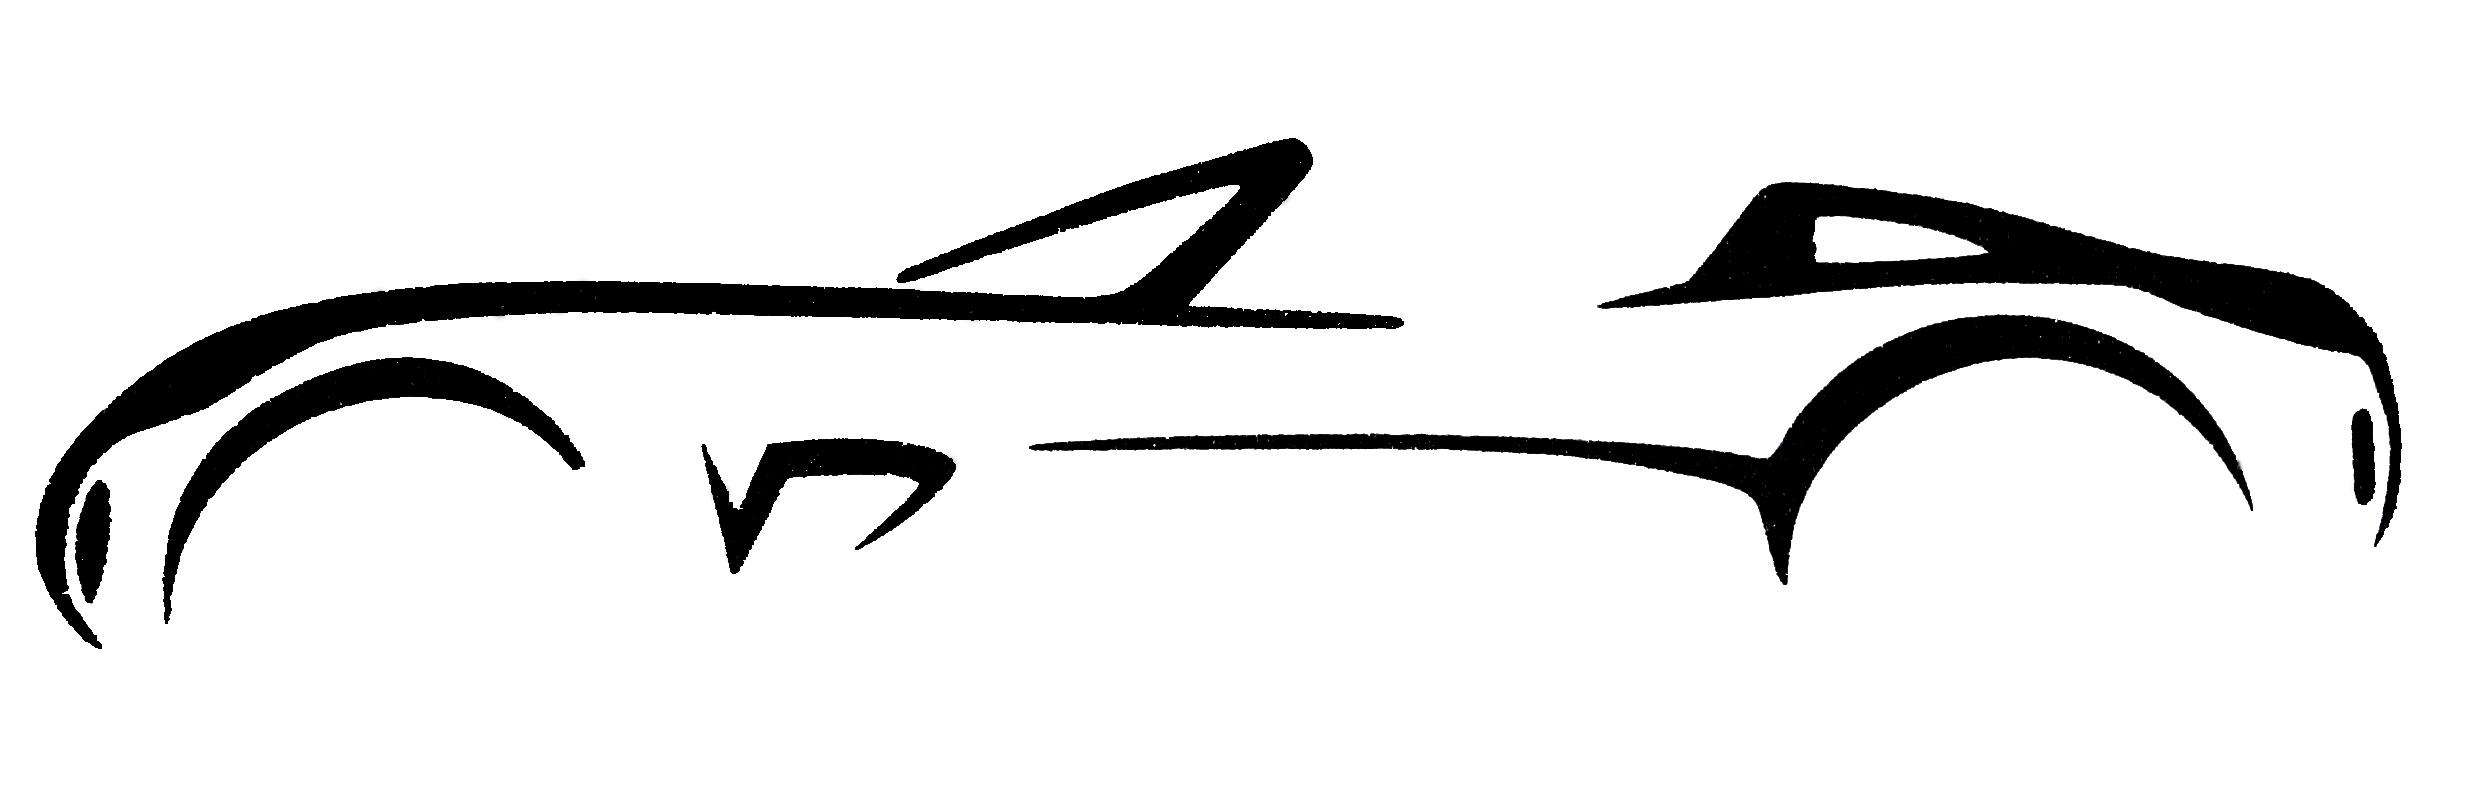 2472x800 Auto Logos Clip Art